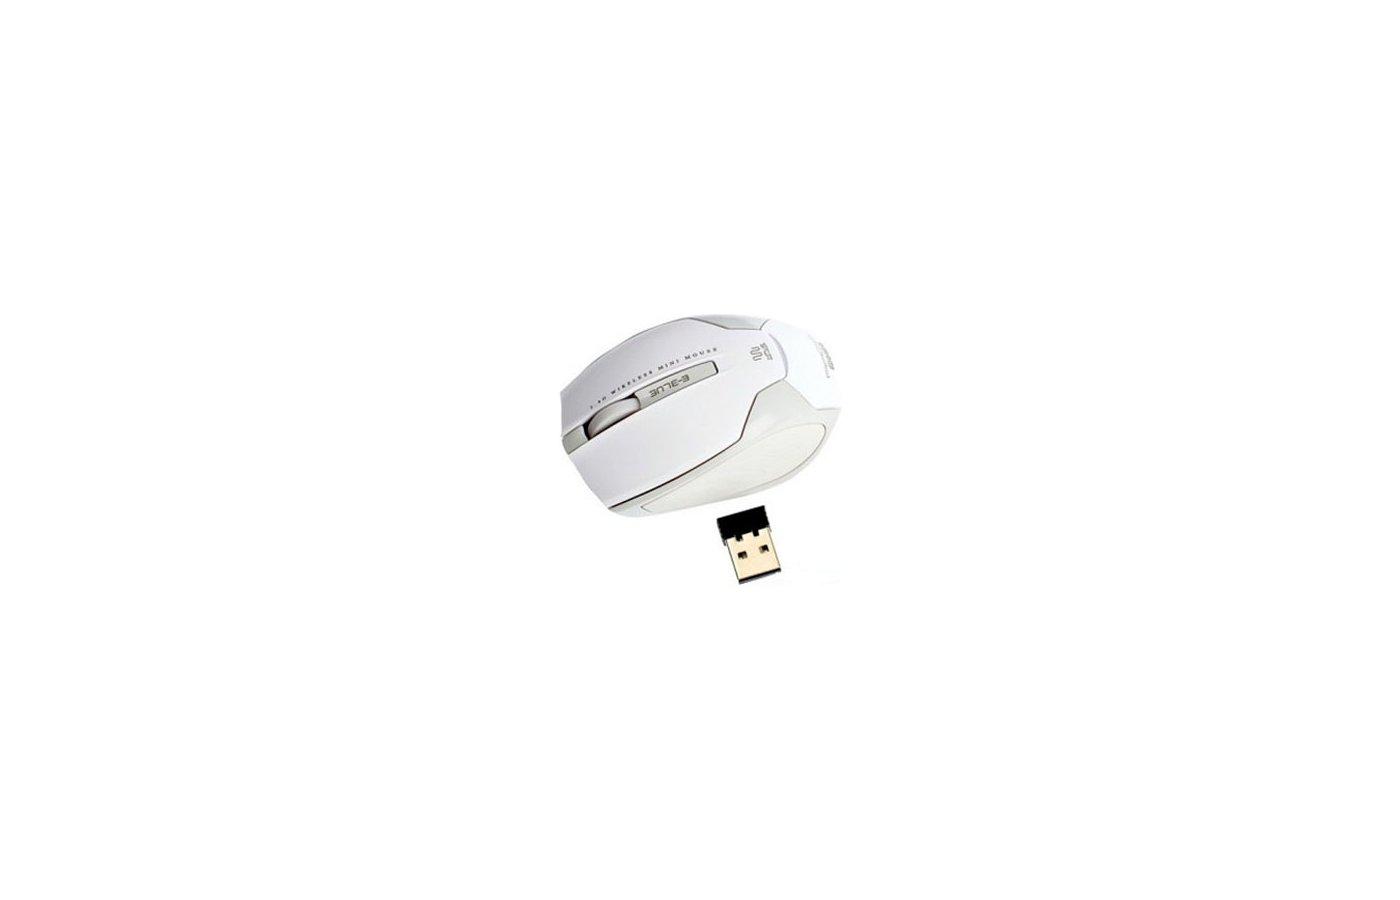 Мышь беспроводная E-Blue Arco Mini USB white